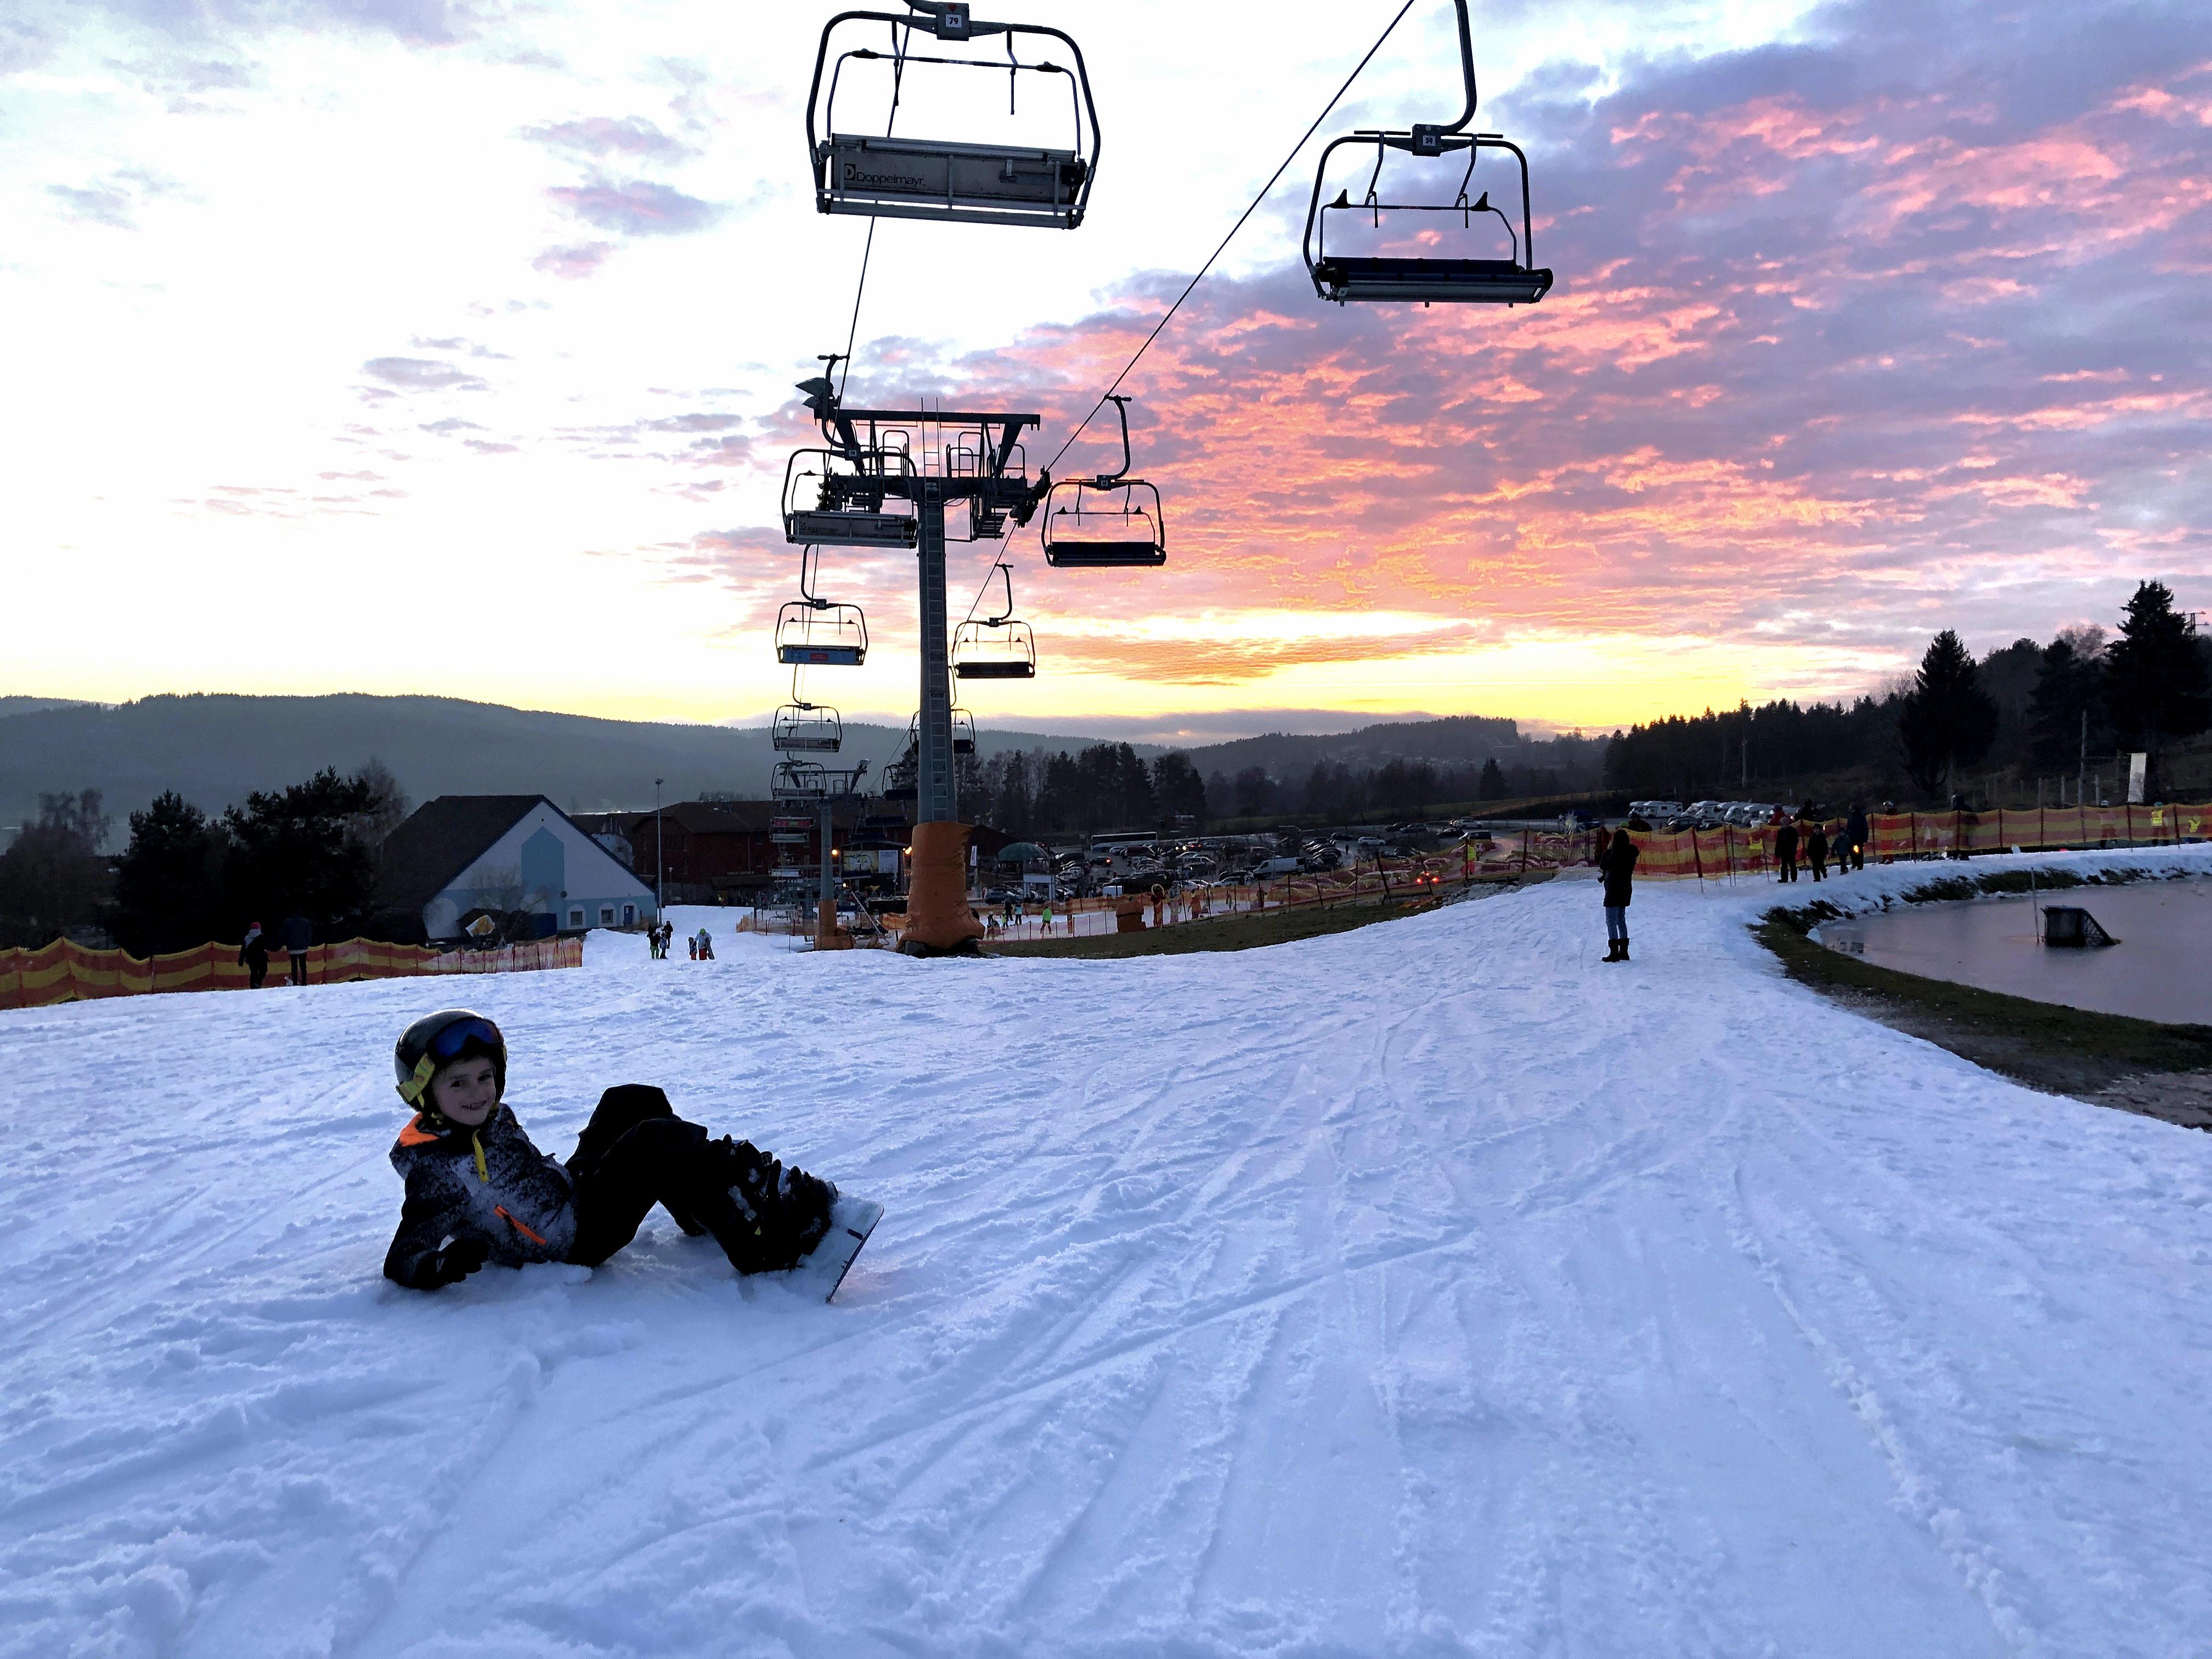 Jilles wil graag nog even op het snowboard. Wij oefenen nog terwijl de zon ondergaat.